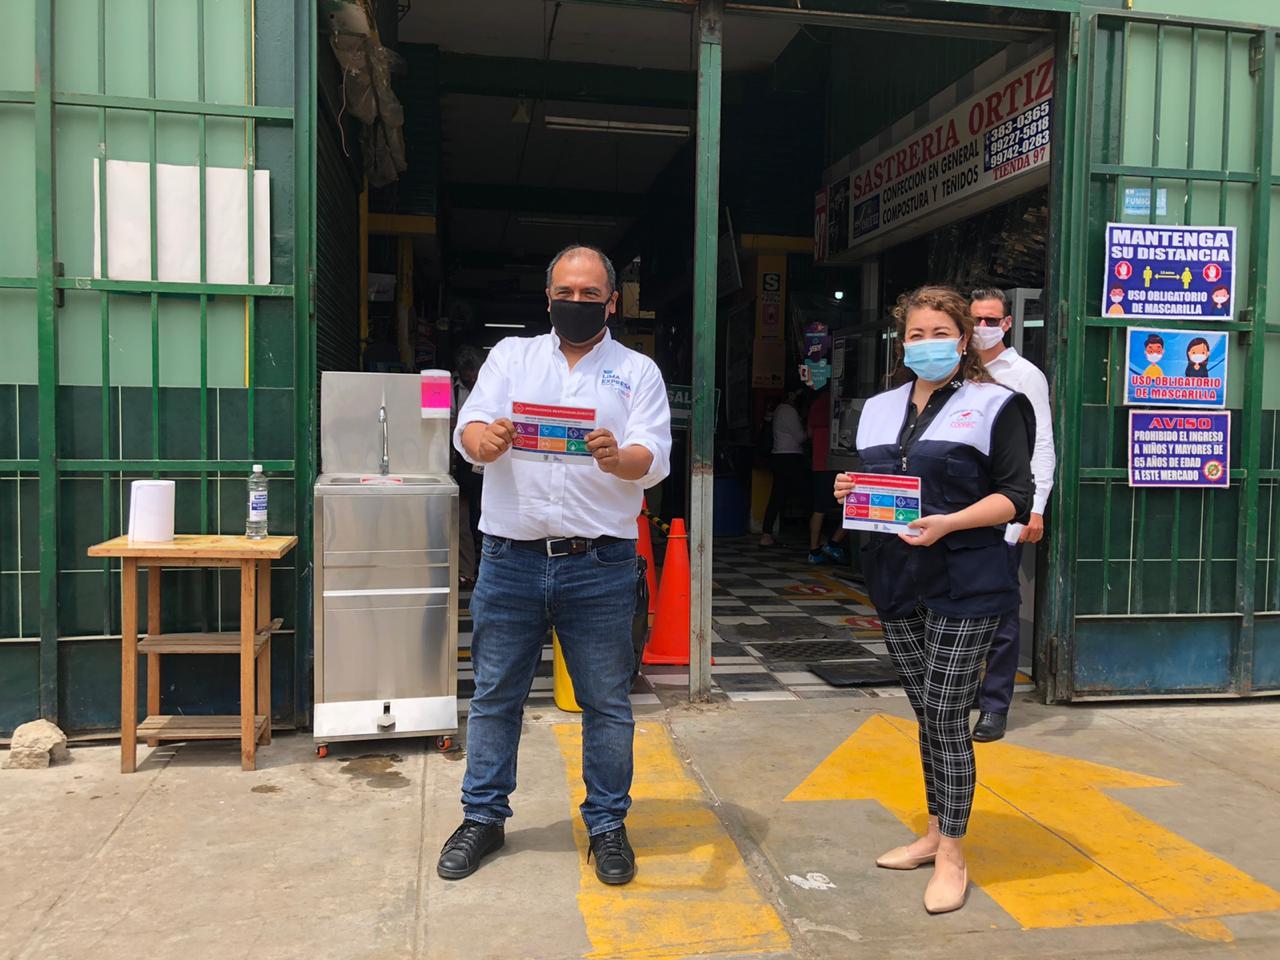 Refuerzan protocolos sanitarios en mercados de Santa Anita